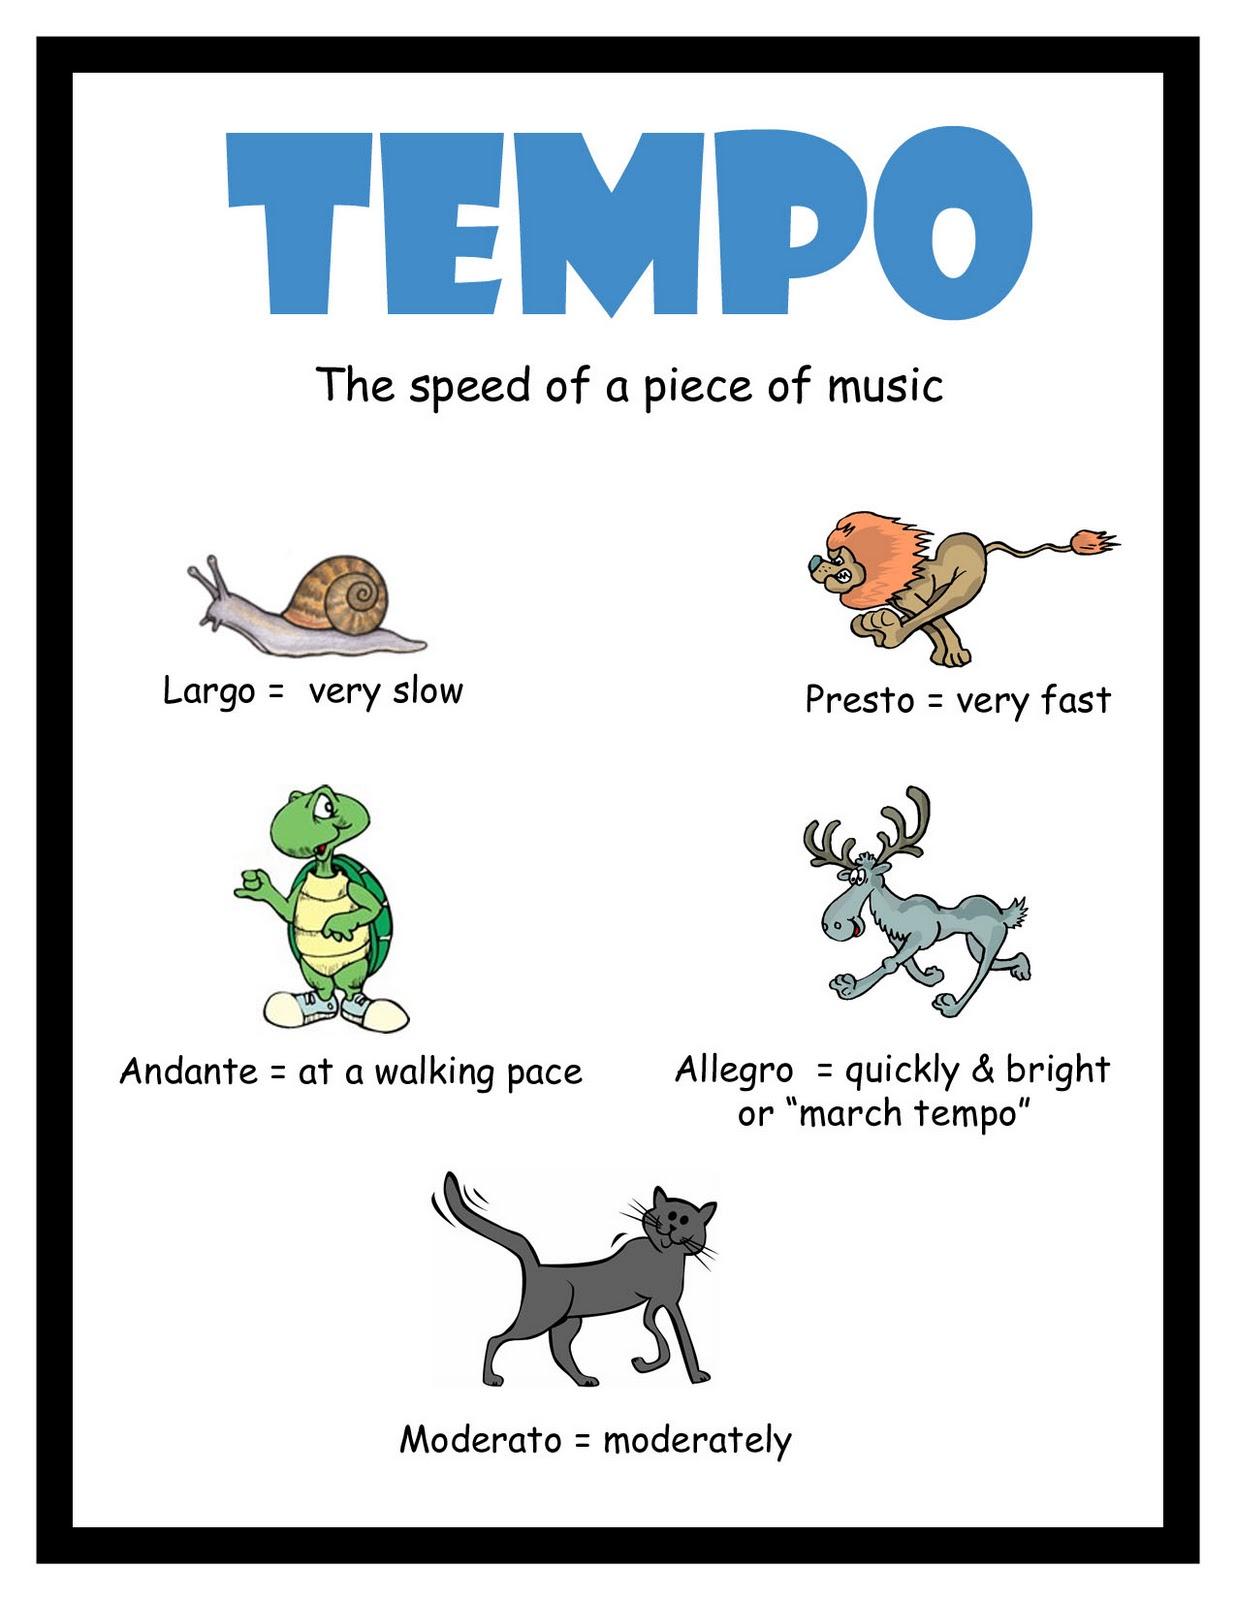 Tempo Poster Copy 1 236 1 600 Pixels